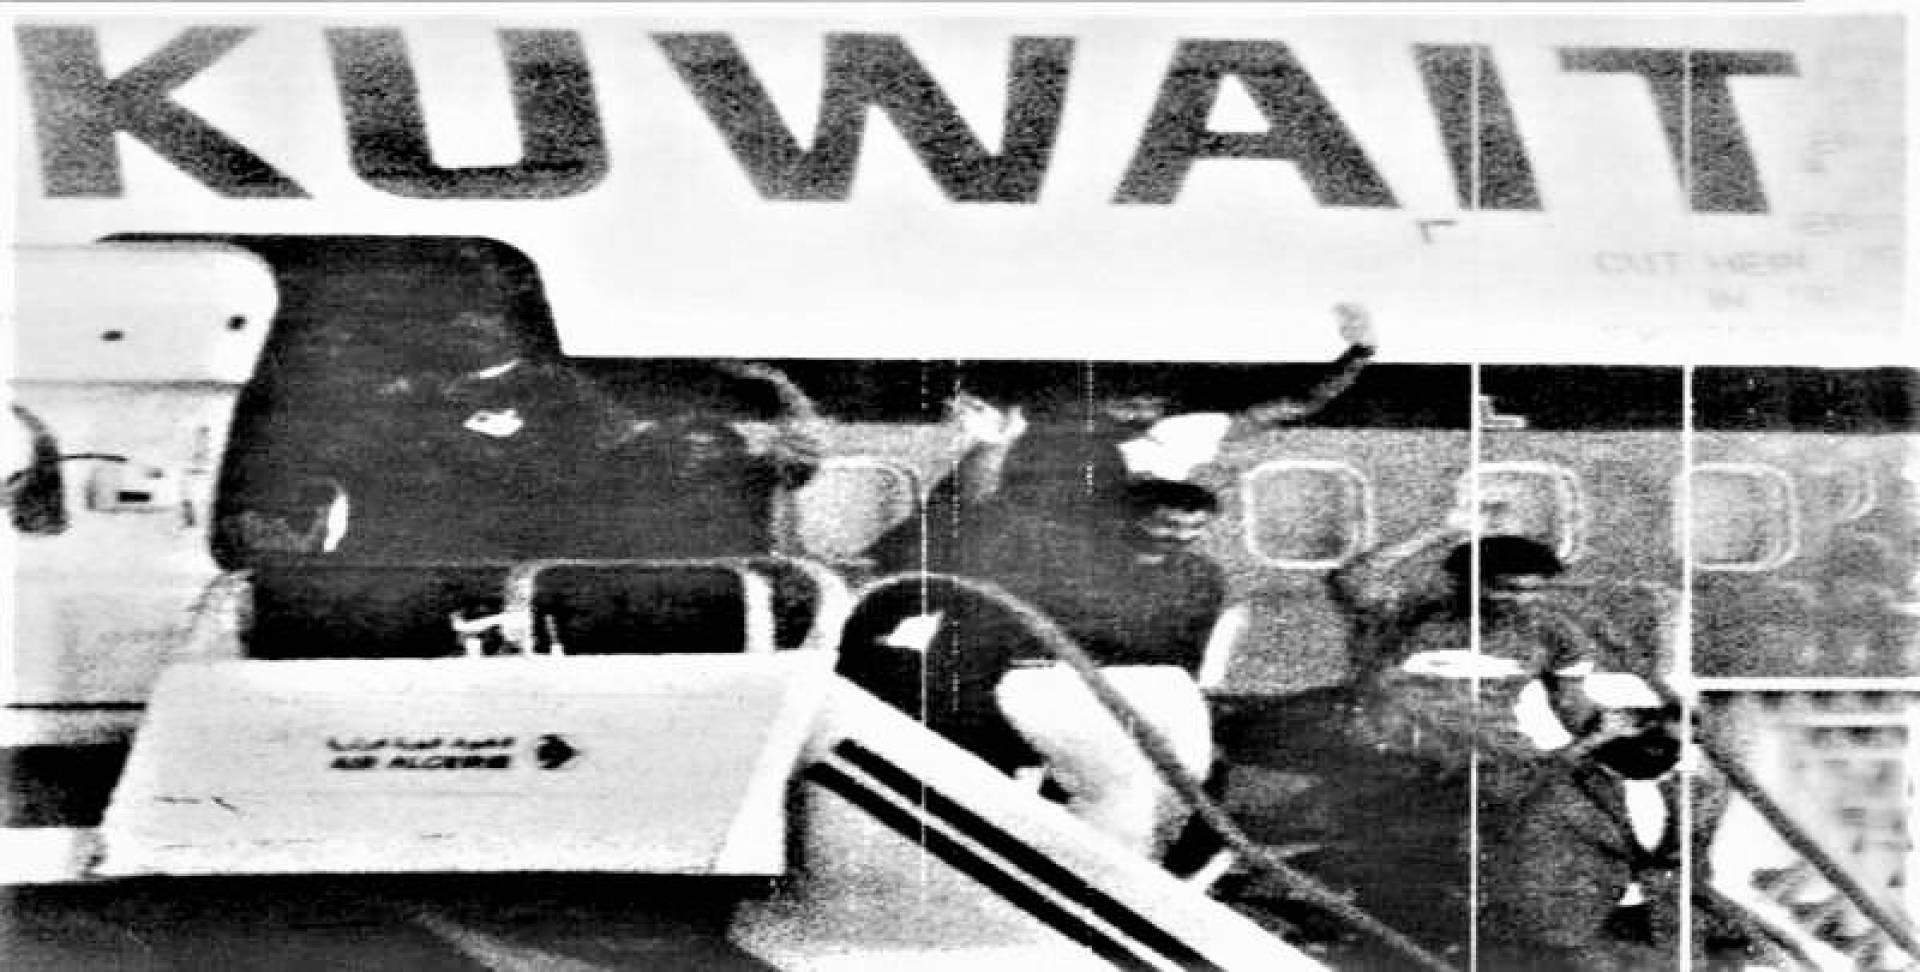 الرهائن يخطون أول خطوة نحو الحرية بعد انتهاء المأساة واستسلام الخاطفين وتحرير طائرة الجابرية بالكامل